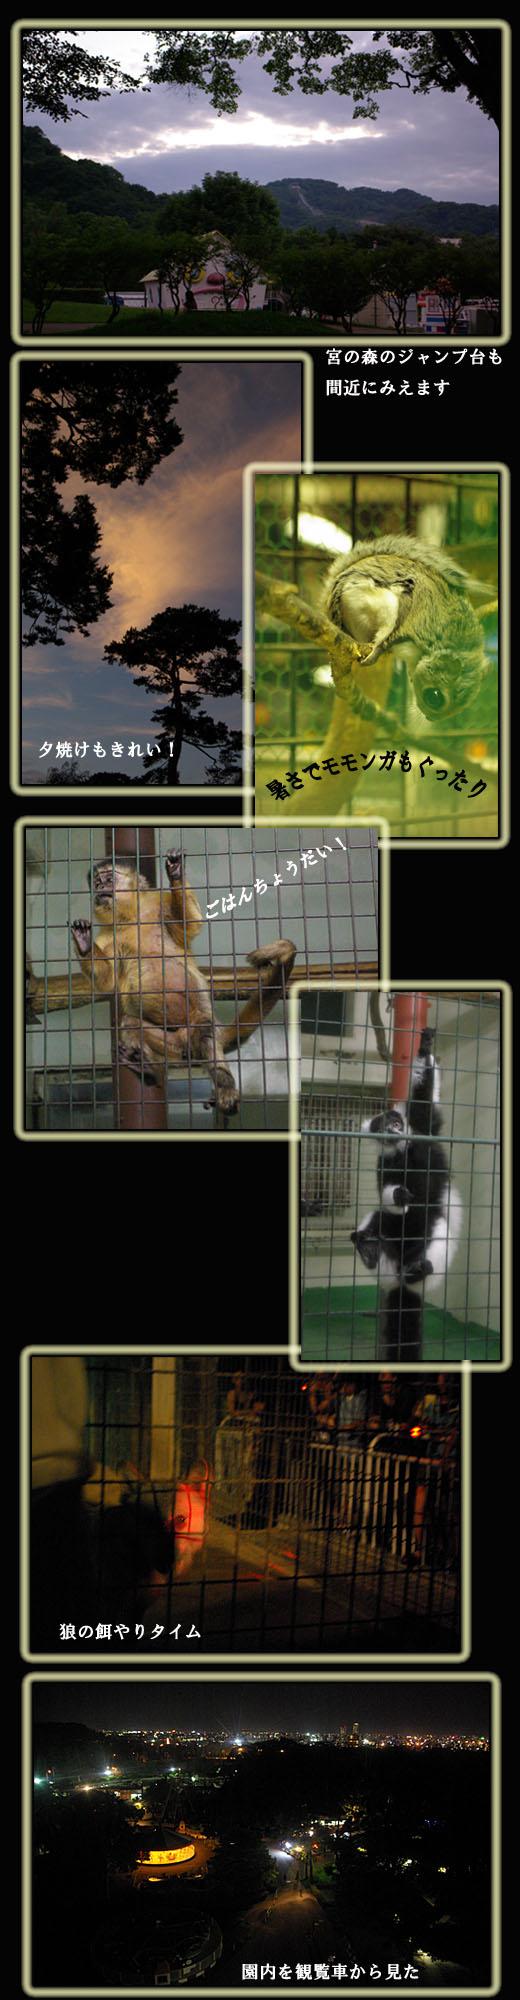 さっぽろ 円山動物園_b0019313_18103431.jpg